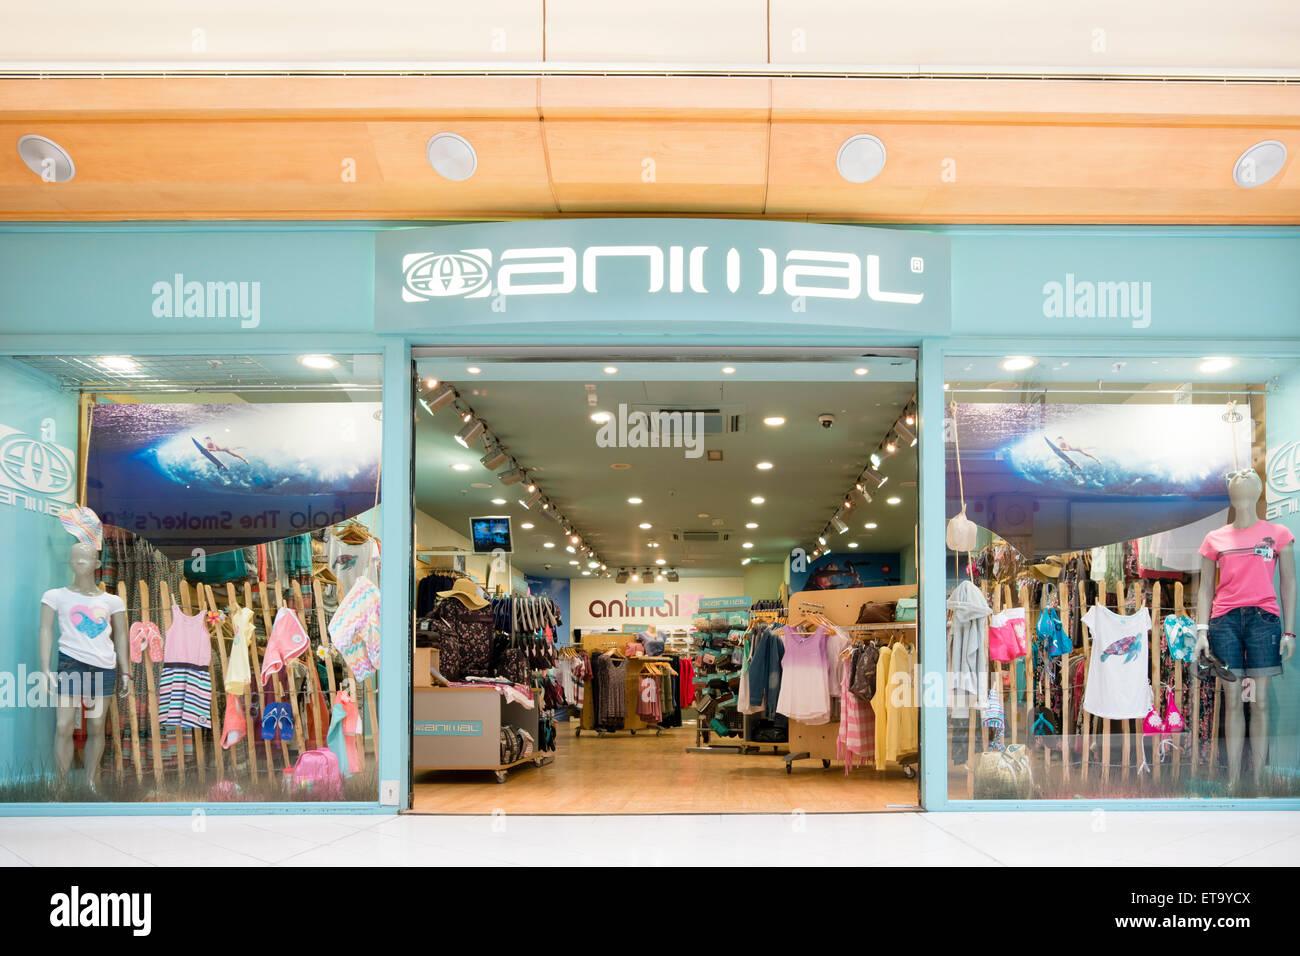 Tienda de ropa Animal, Reino Unido. Imagen De Stock